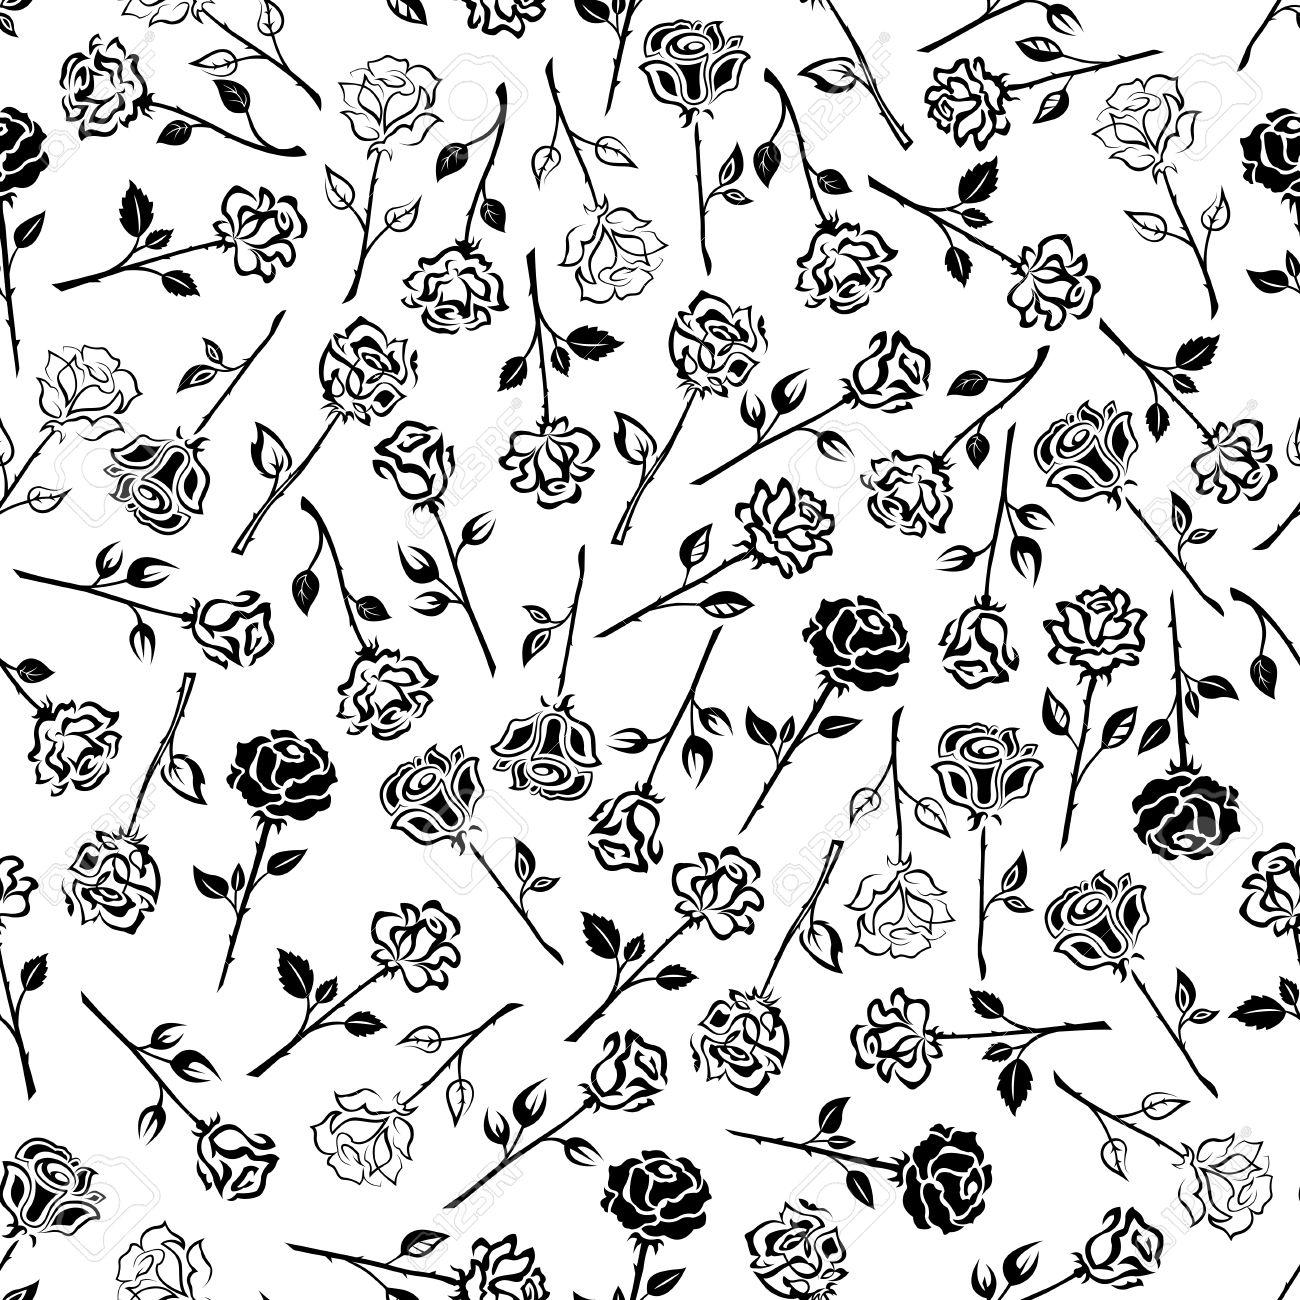 Rosas Floral Sin Fondo Fondo De Pantalla Con El Patron De Iconos De Rosas Blancas Y Negras Capullos De Flores Heraldicas Con Tallos Hojas